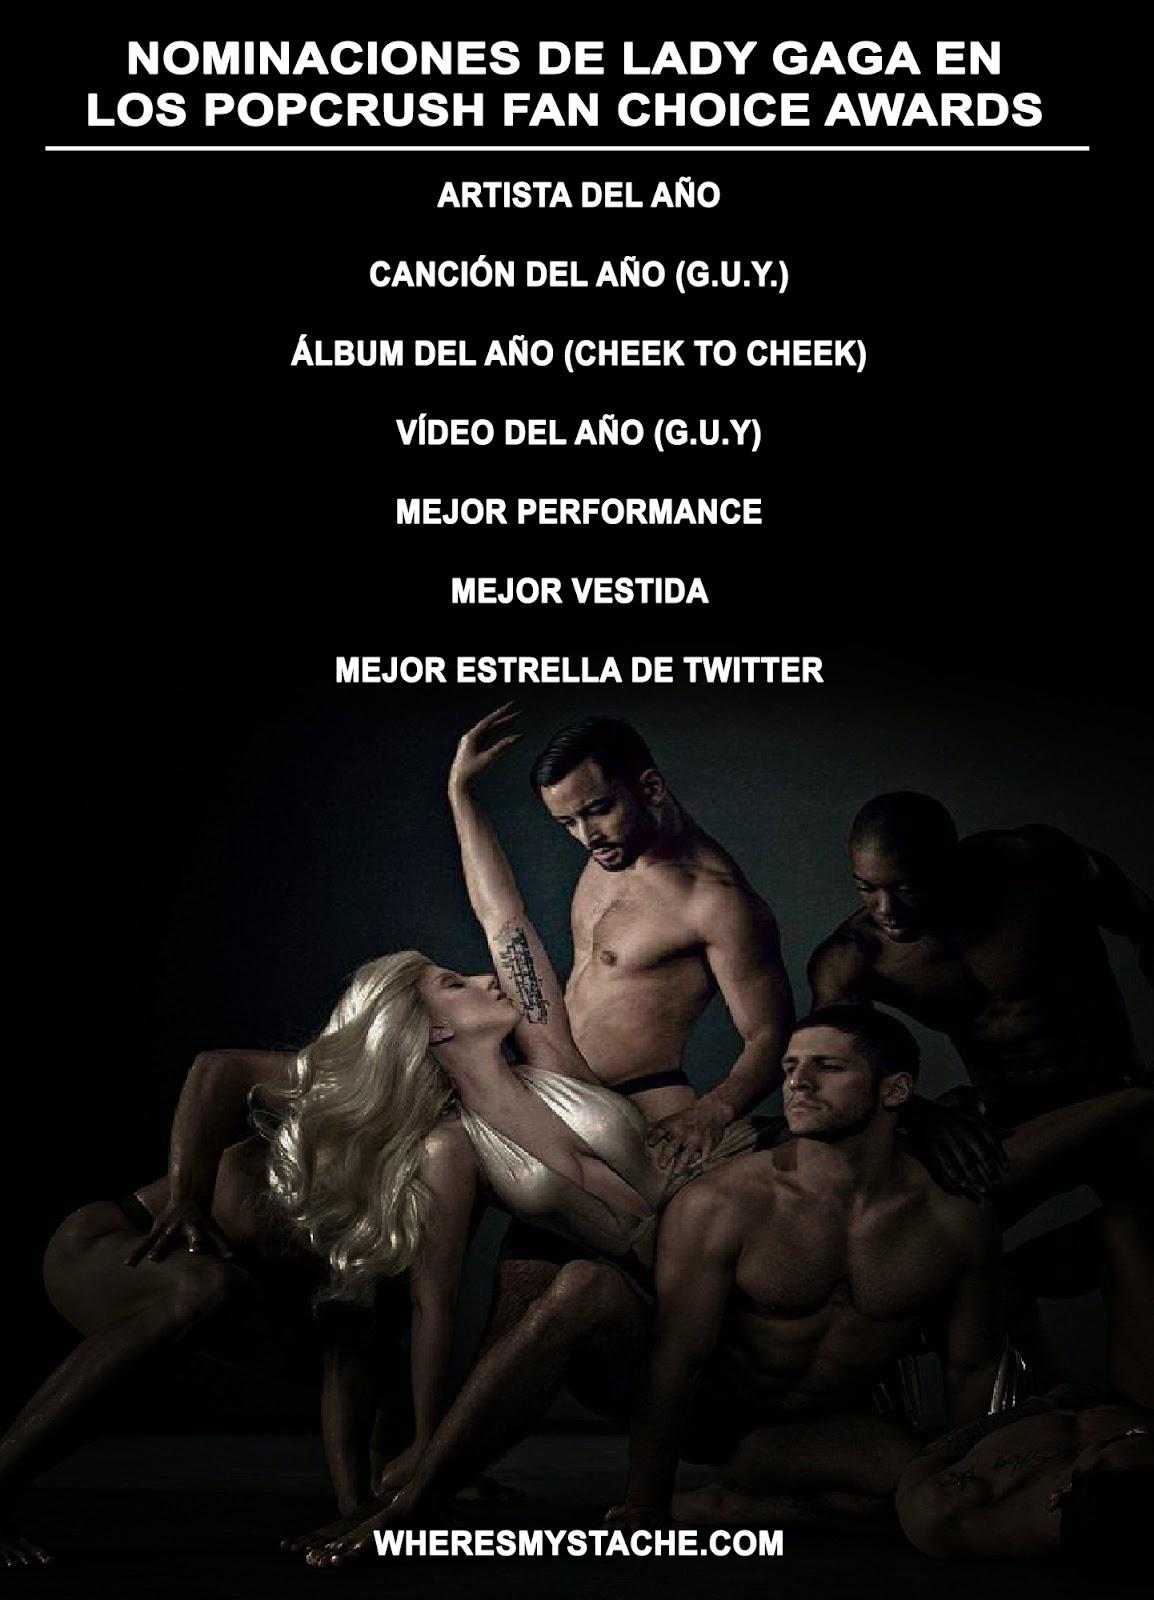 Categorías a las que ha sido nominada Lady Gaga